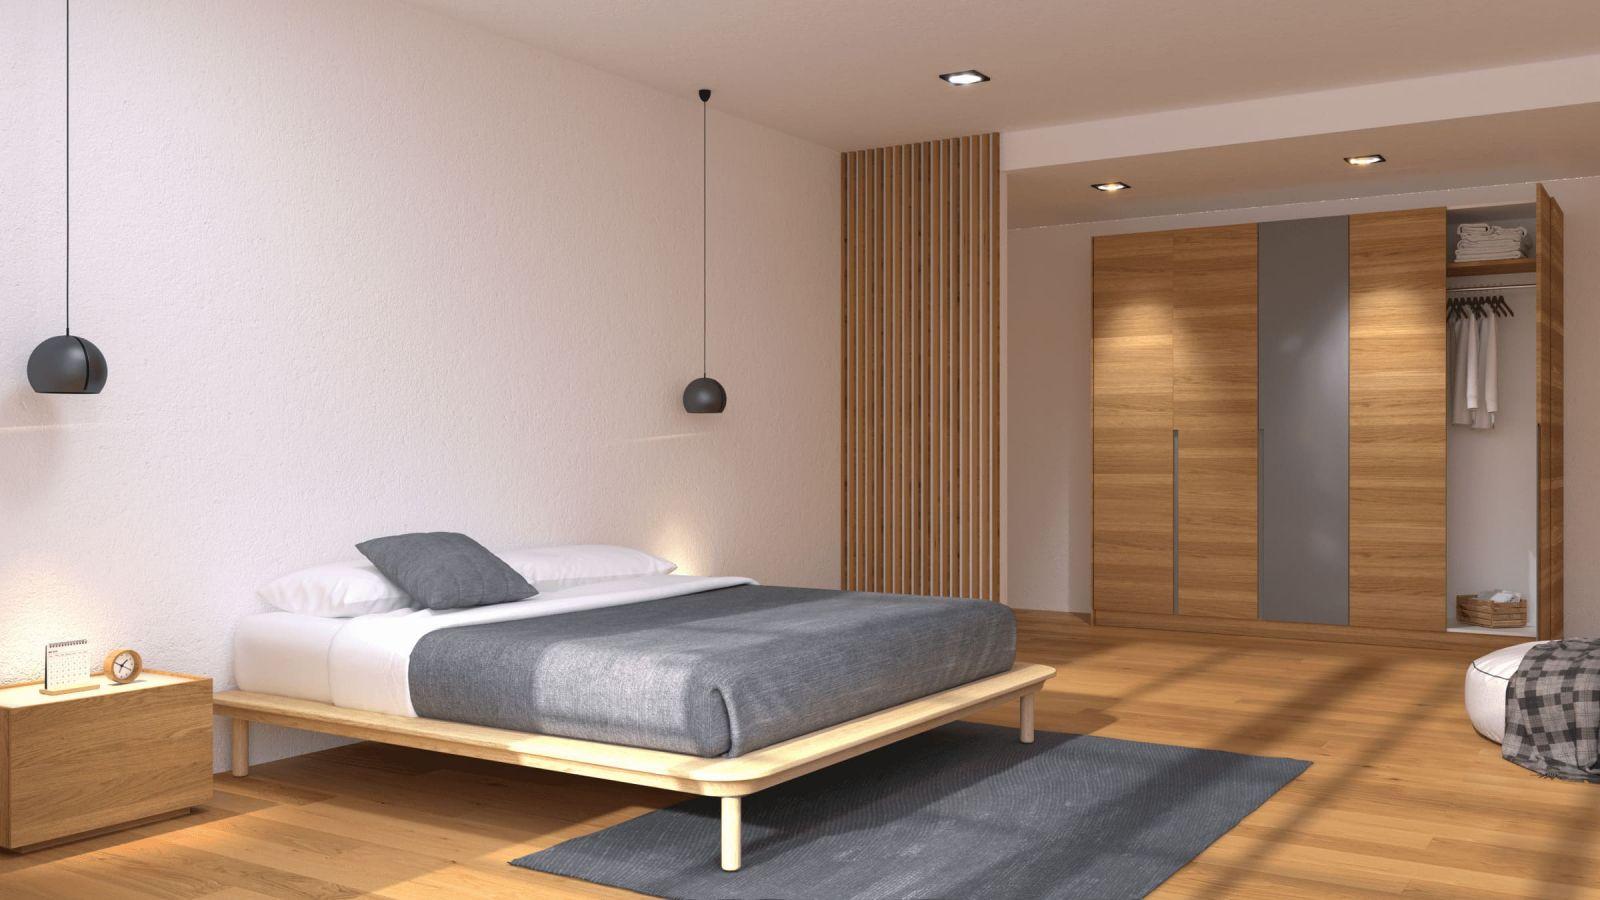 Phong cách Bauhaus mang xu thế thời đại mới